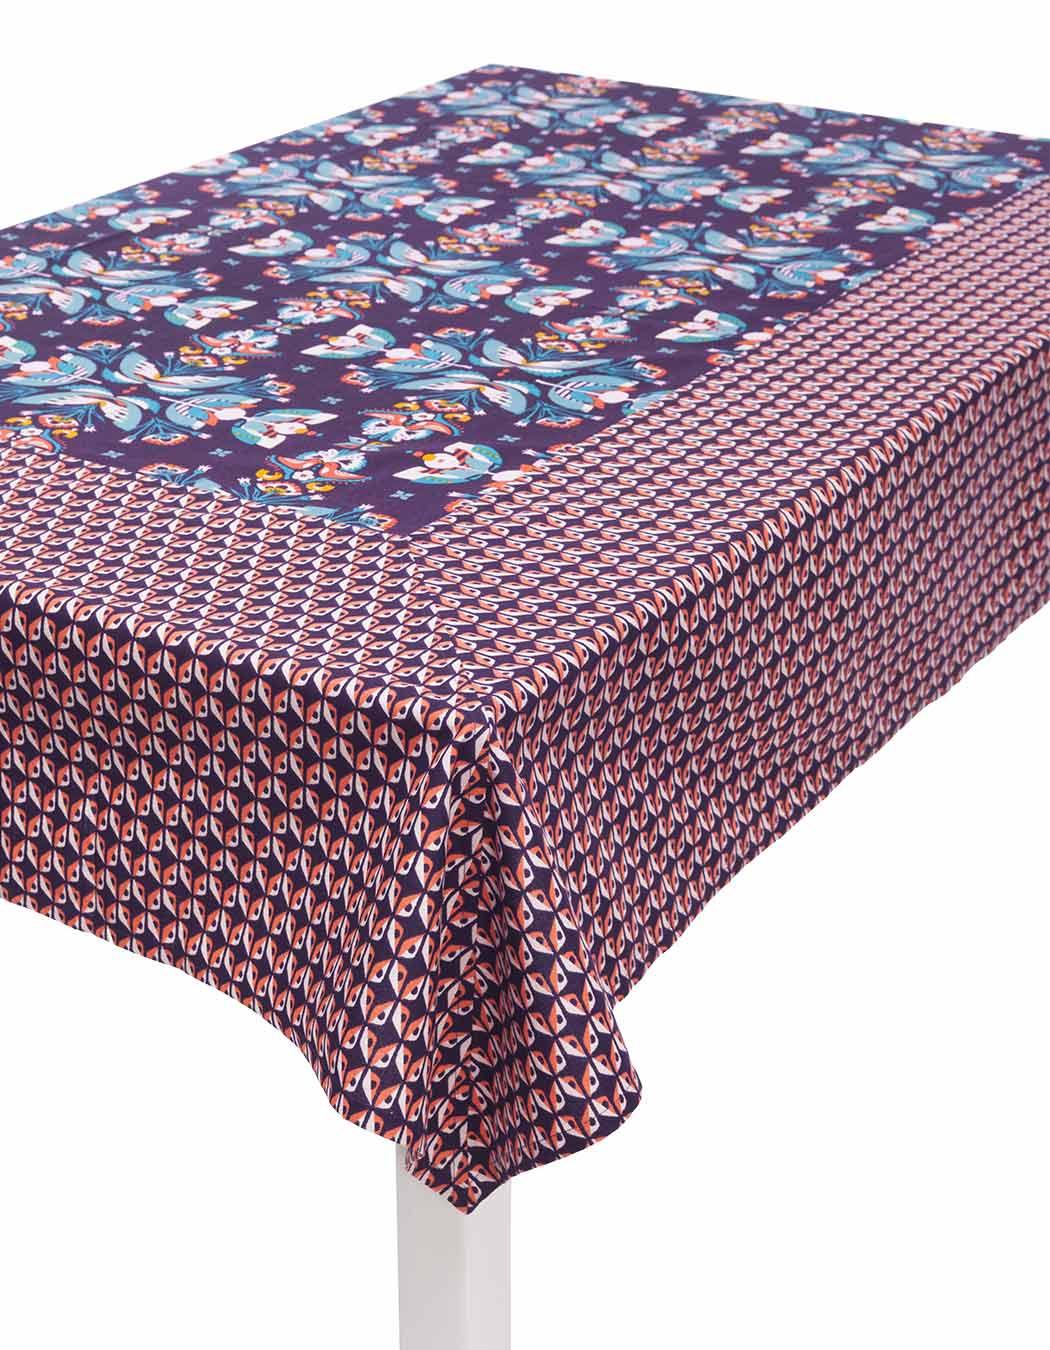 Nappe biprint en coton mure 170 x 170